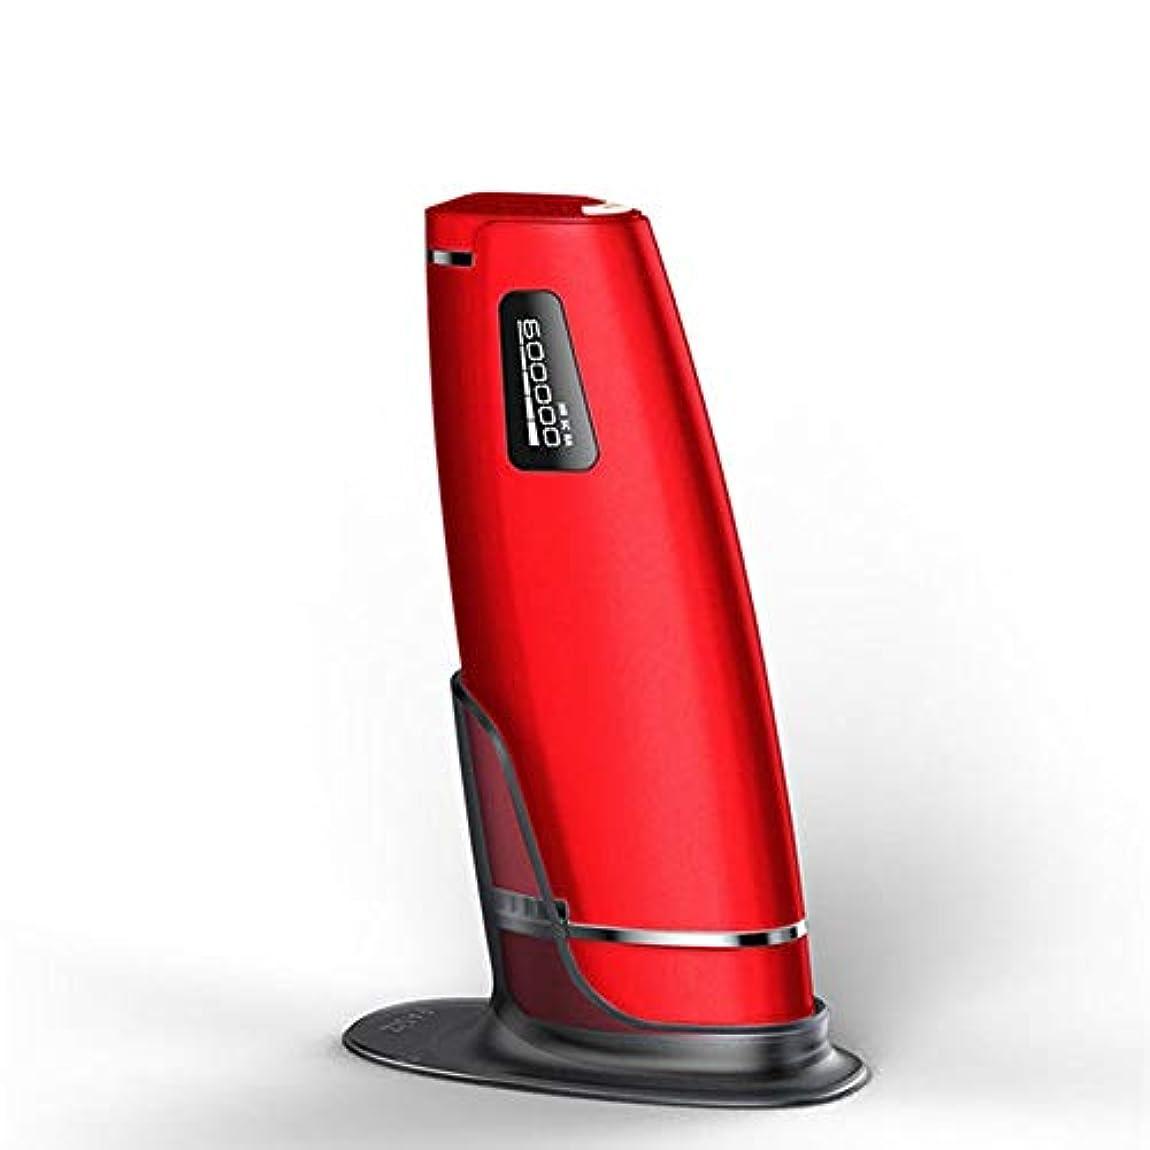 マーベル二年生他のバンドで赤、デュアルモード、ホームオートマチック無痛脱毛剤、携帯用永久脱毛剤、5スピード調整、サイズ20.5 X 4.5 X 7 Cm 安全性 (Color : Red)